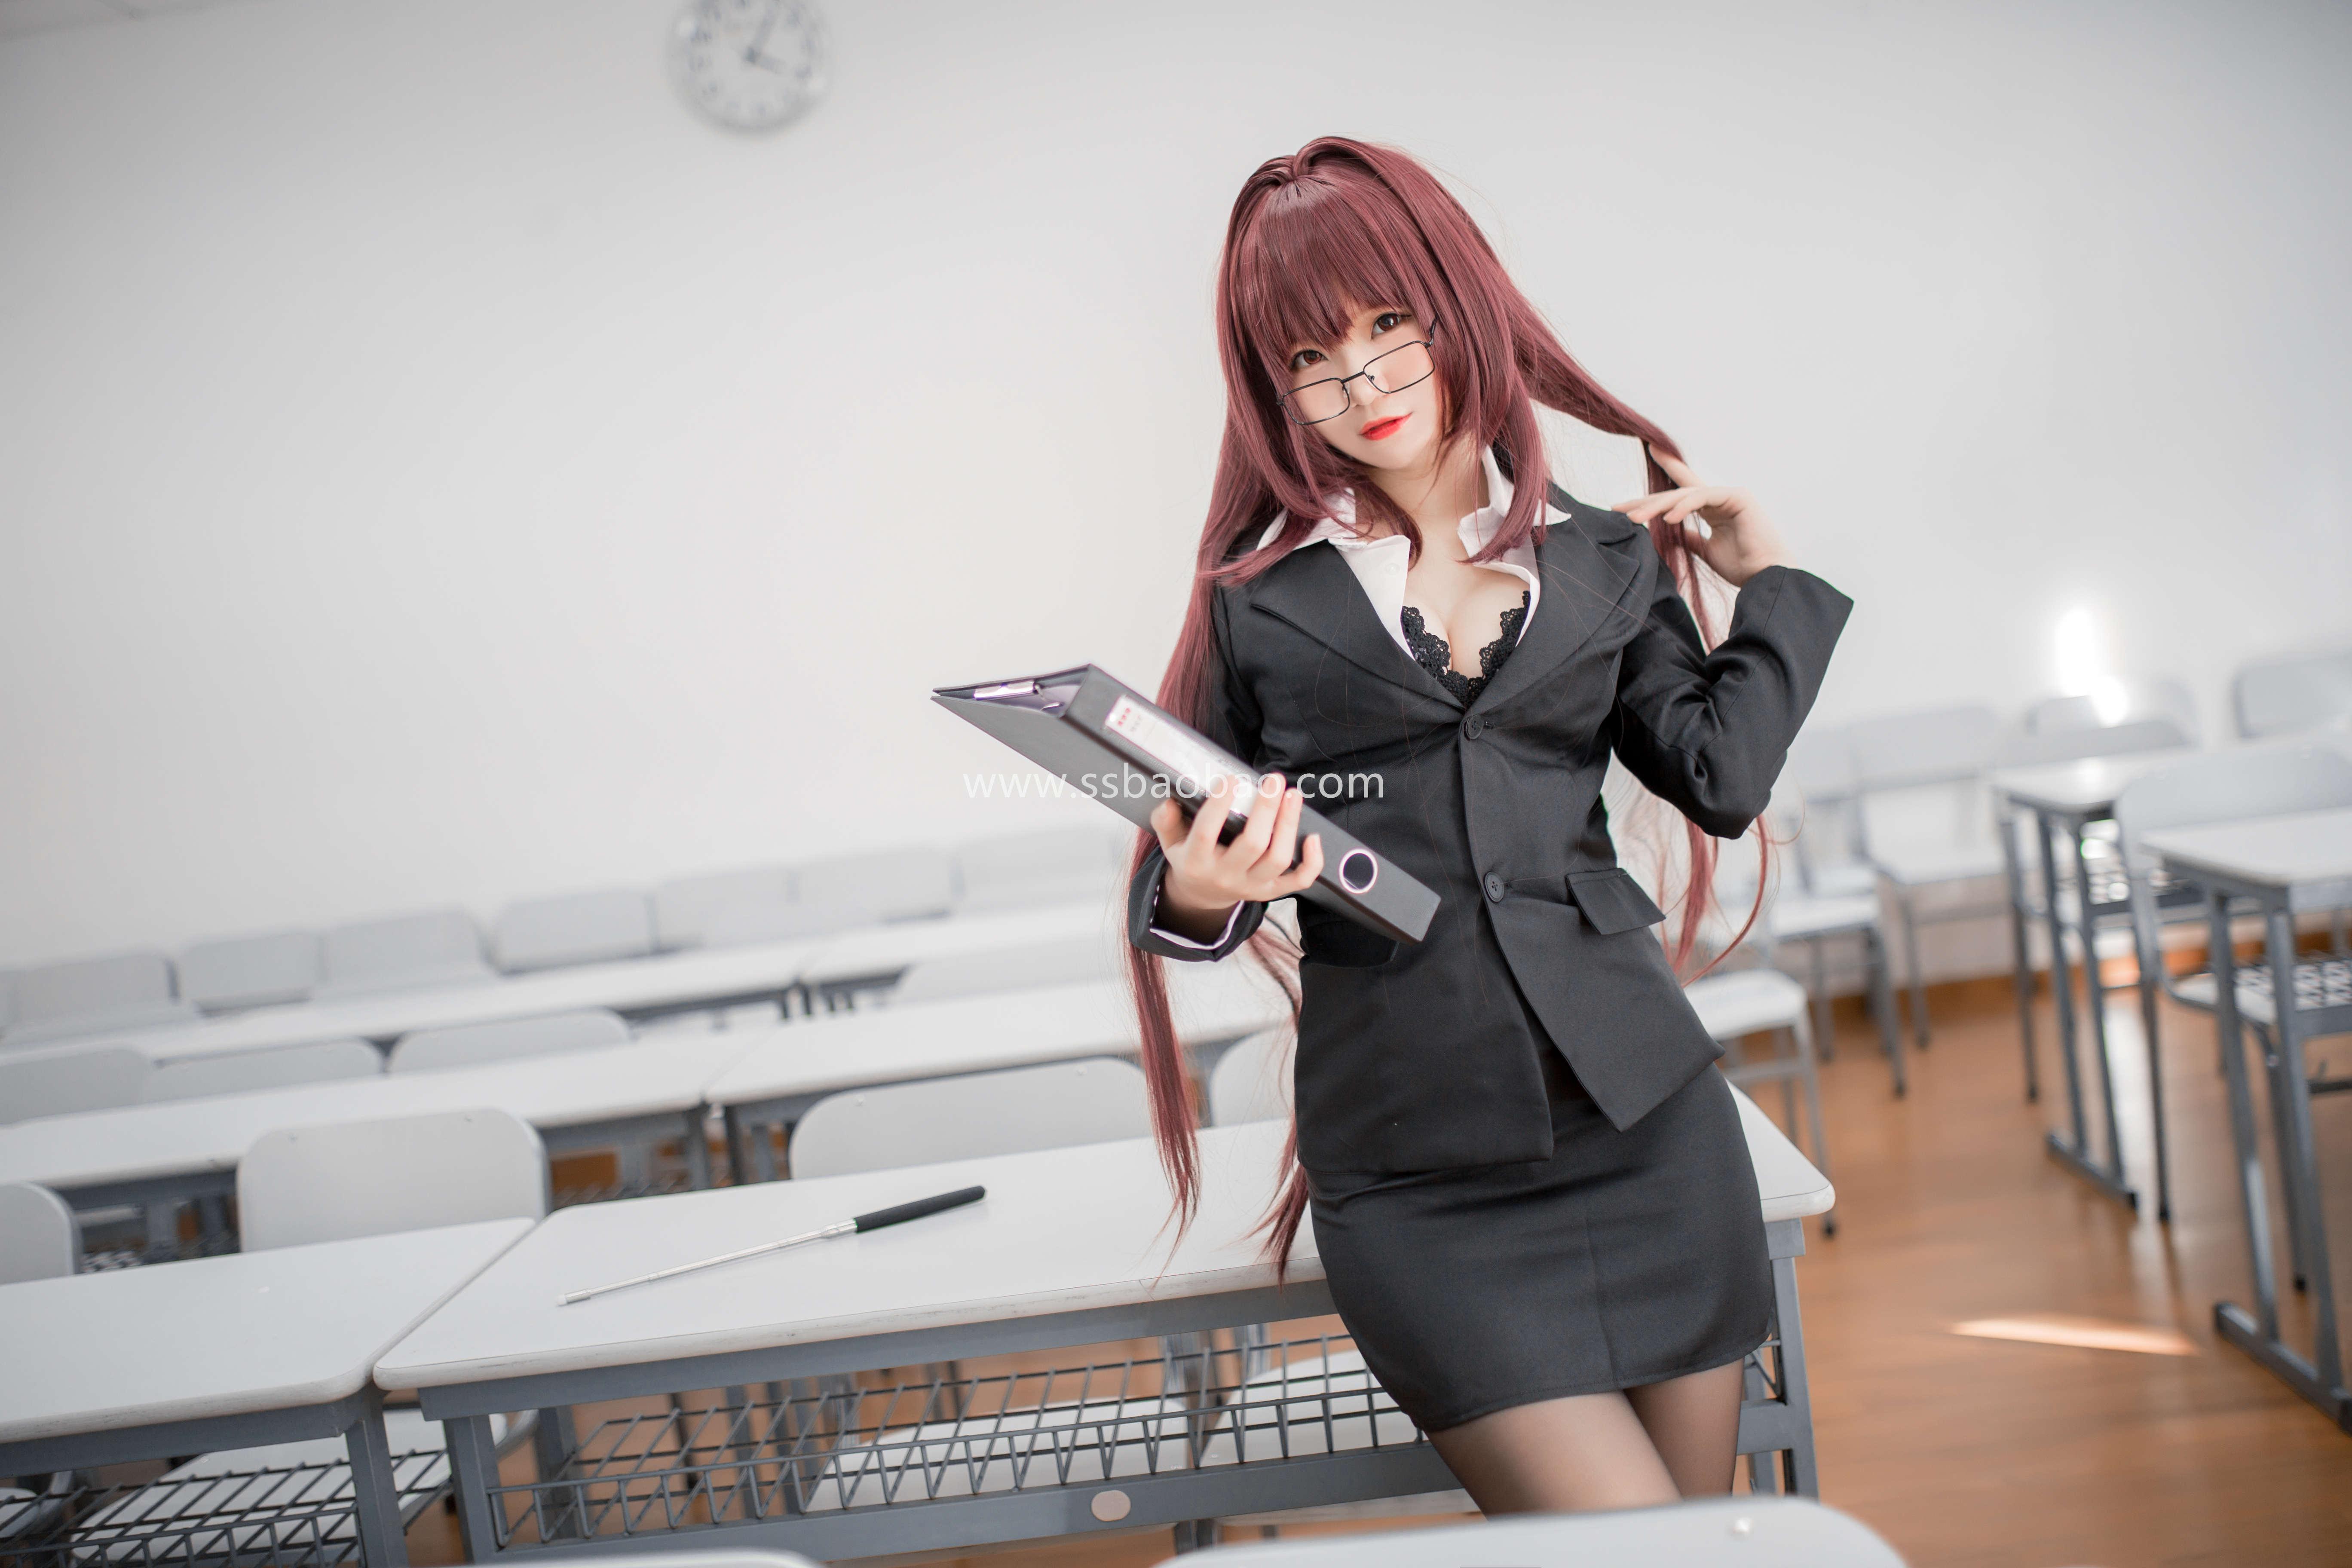 Yoko宅夏 - 斯卡哈教师[33P-266MB]08